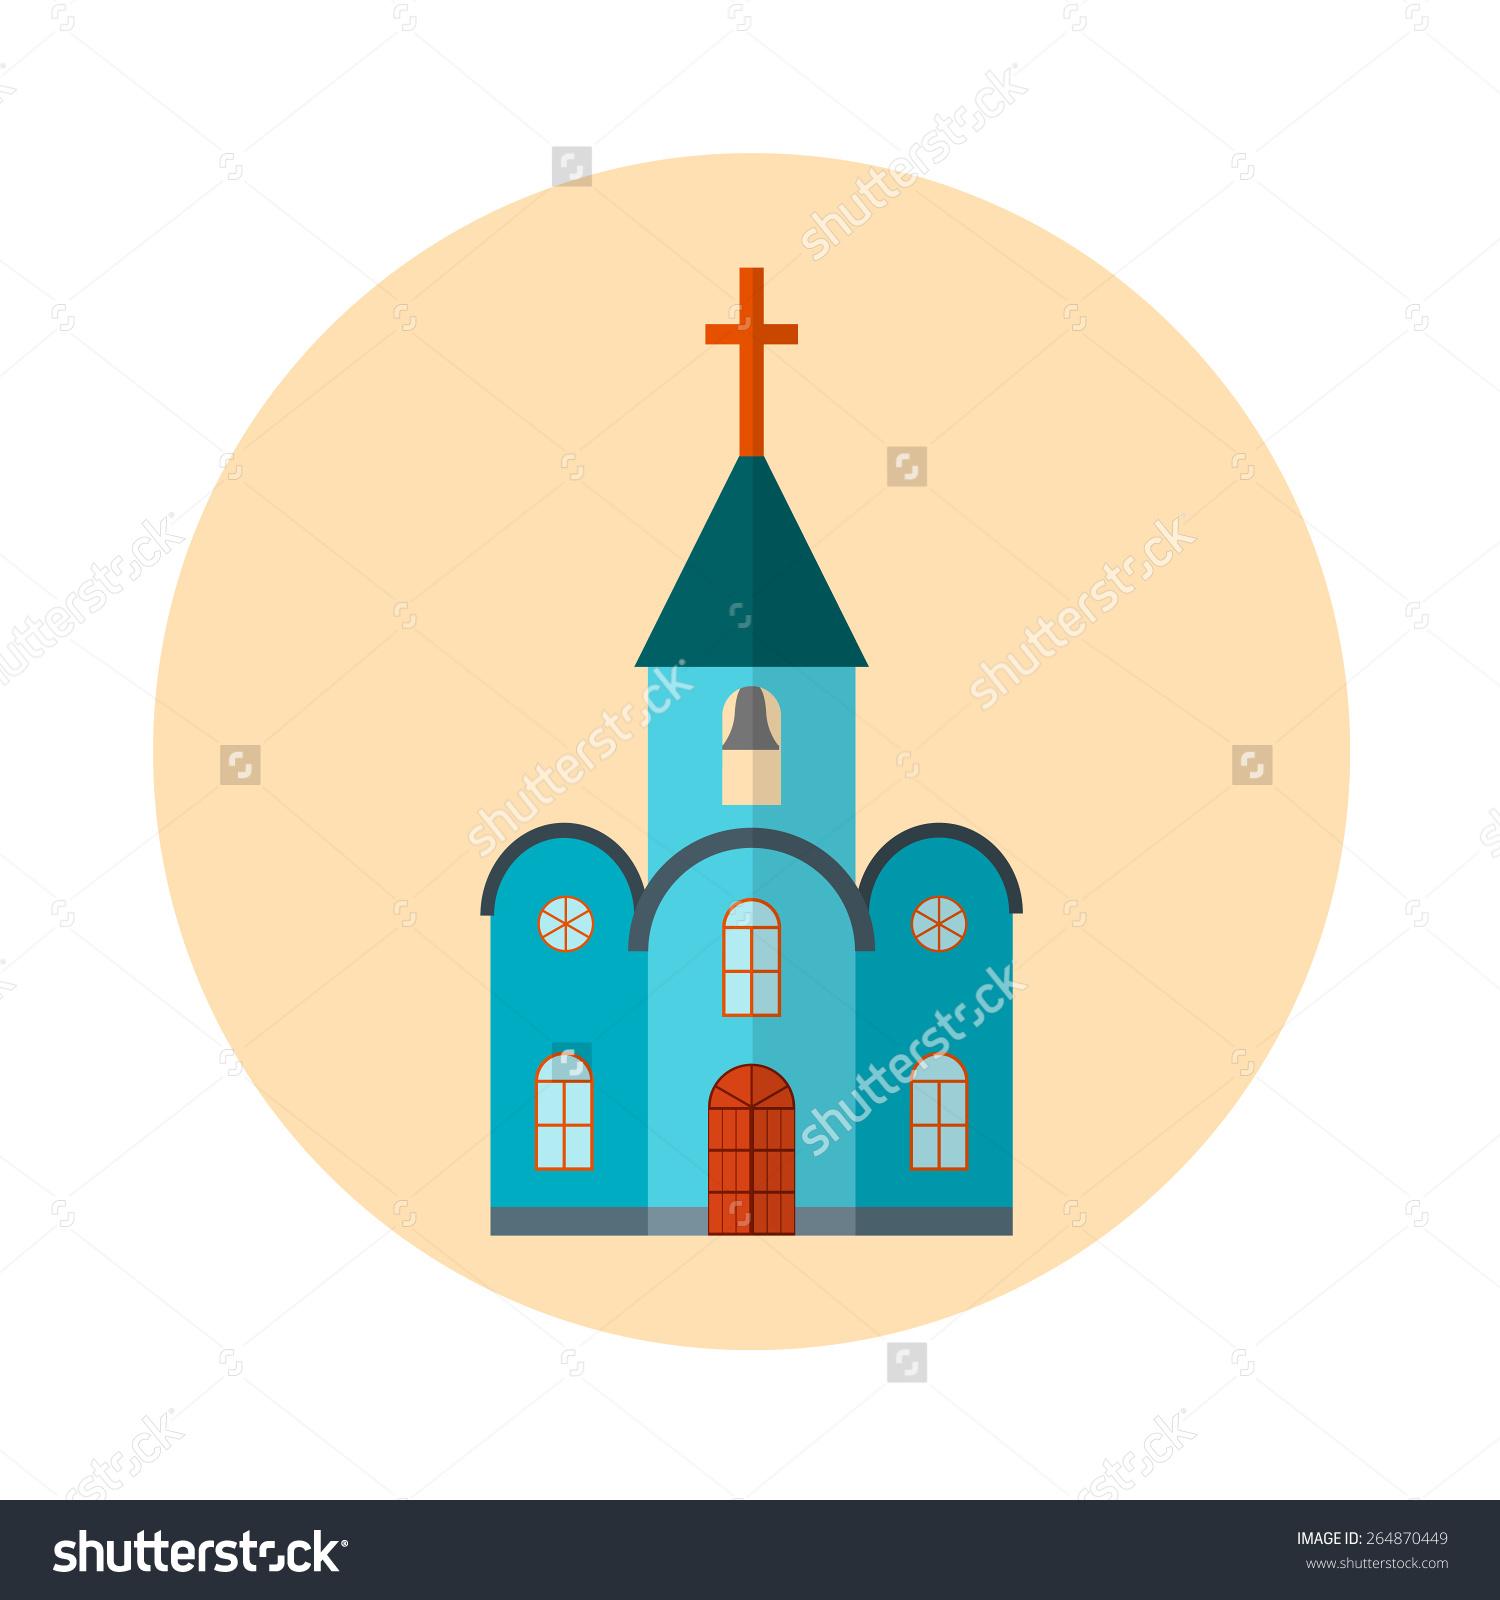 Flat Church Vector Icon Religion Building Stock Vector 264870449.